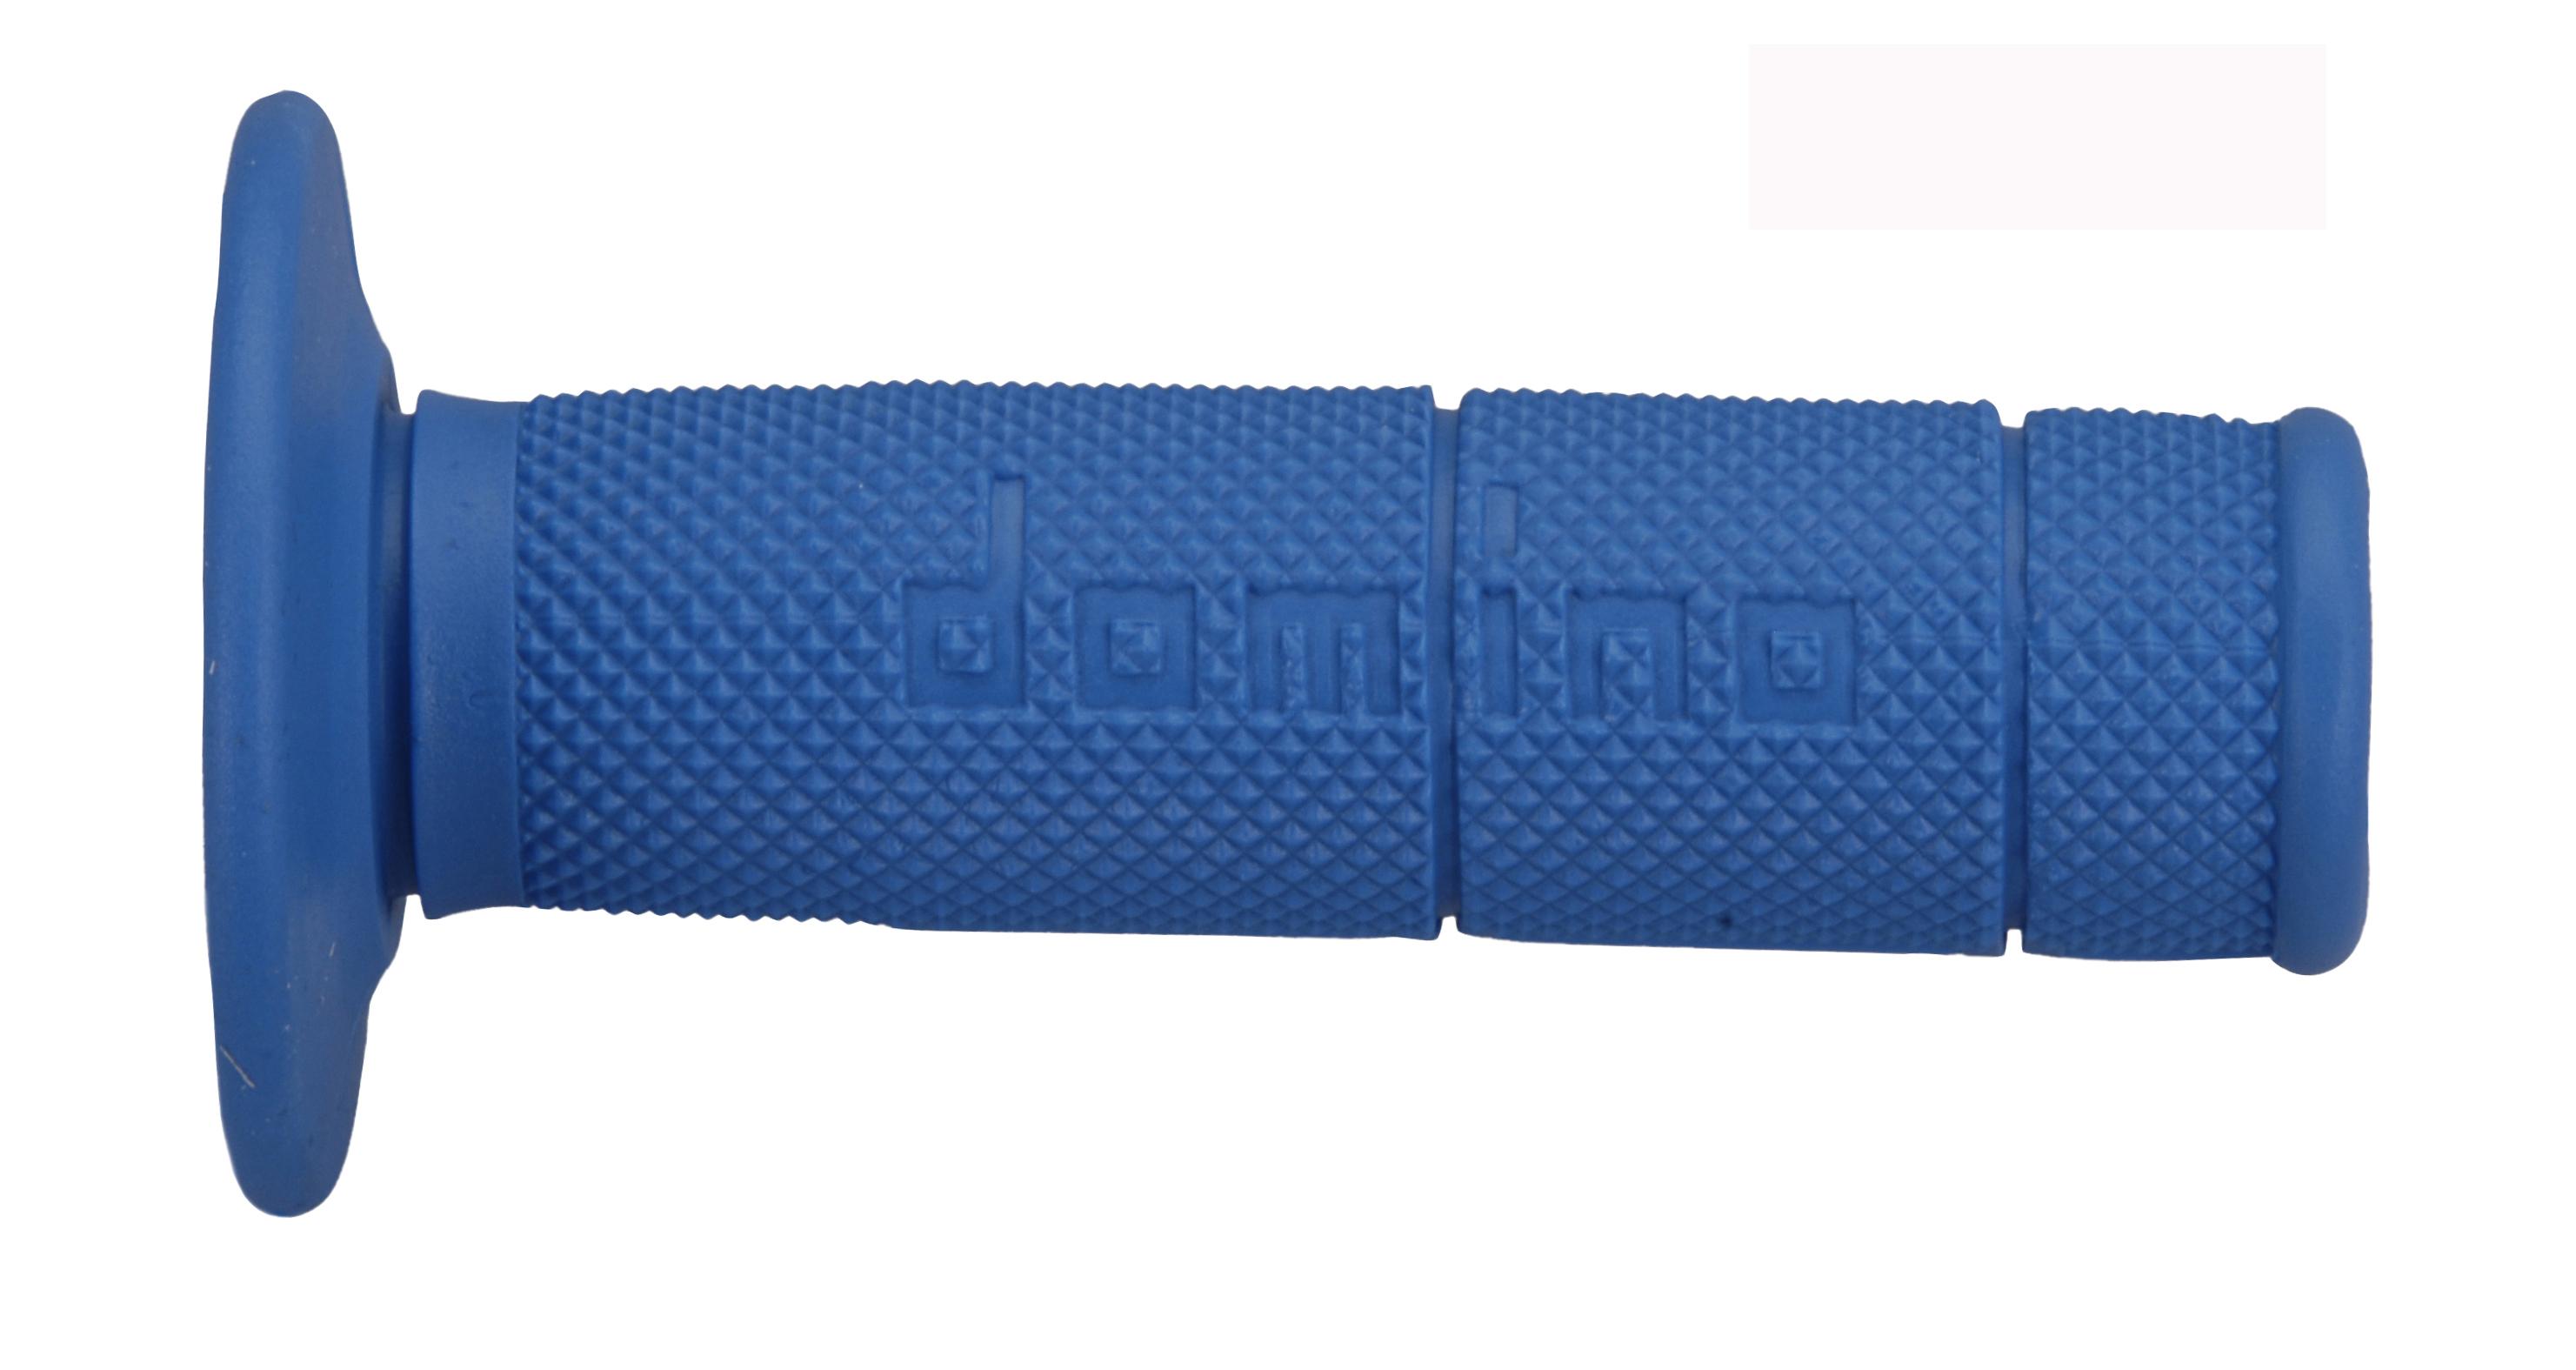 Mansoane scuter 118 mm albastru-6592